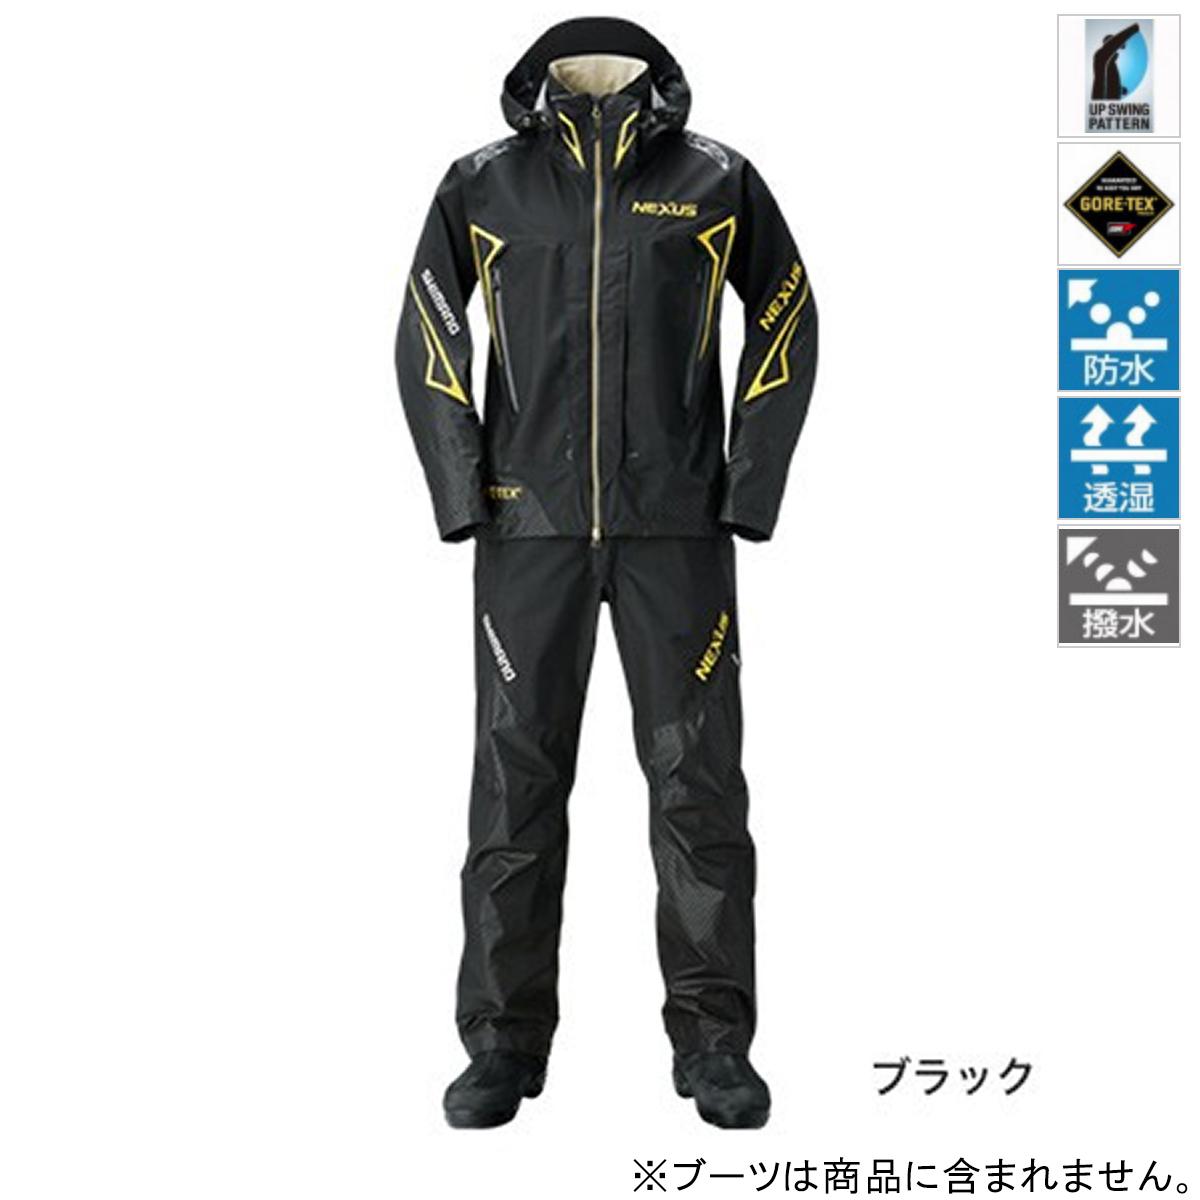 【5日24h限定 全品10倍】シマノ NEXUS GORE-TEX レインスーツ EX RA-119R L ブラック